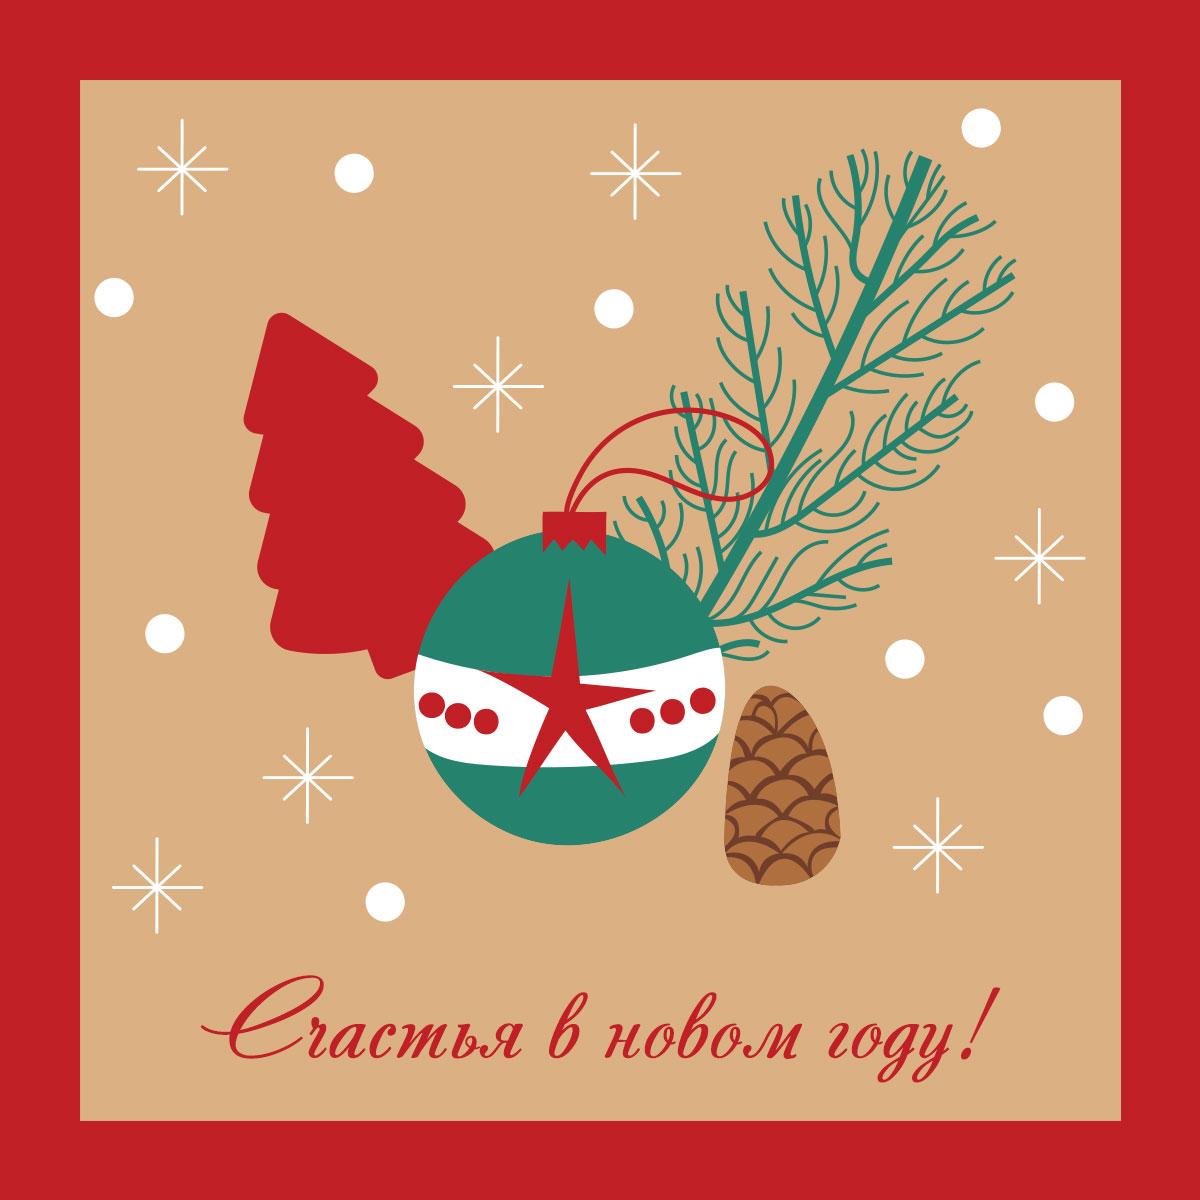 Картинка с ёлкой и шишкой, рождественским шаром и снежинками в красной рамке.